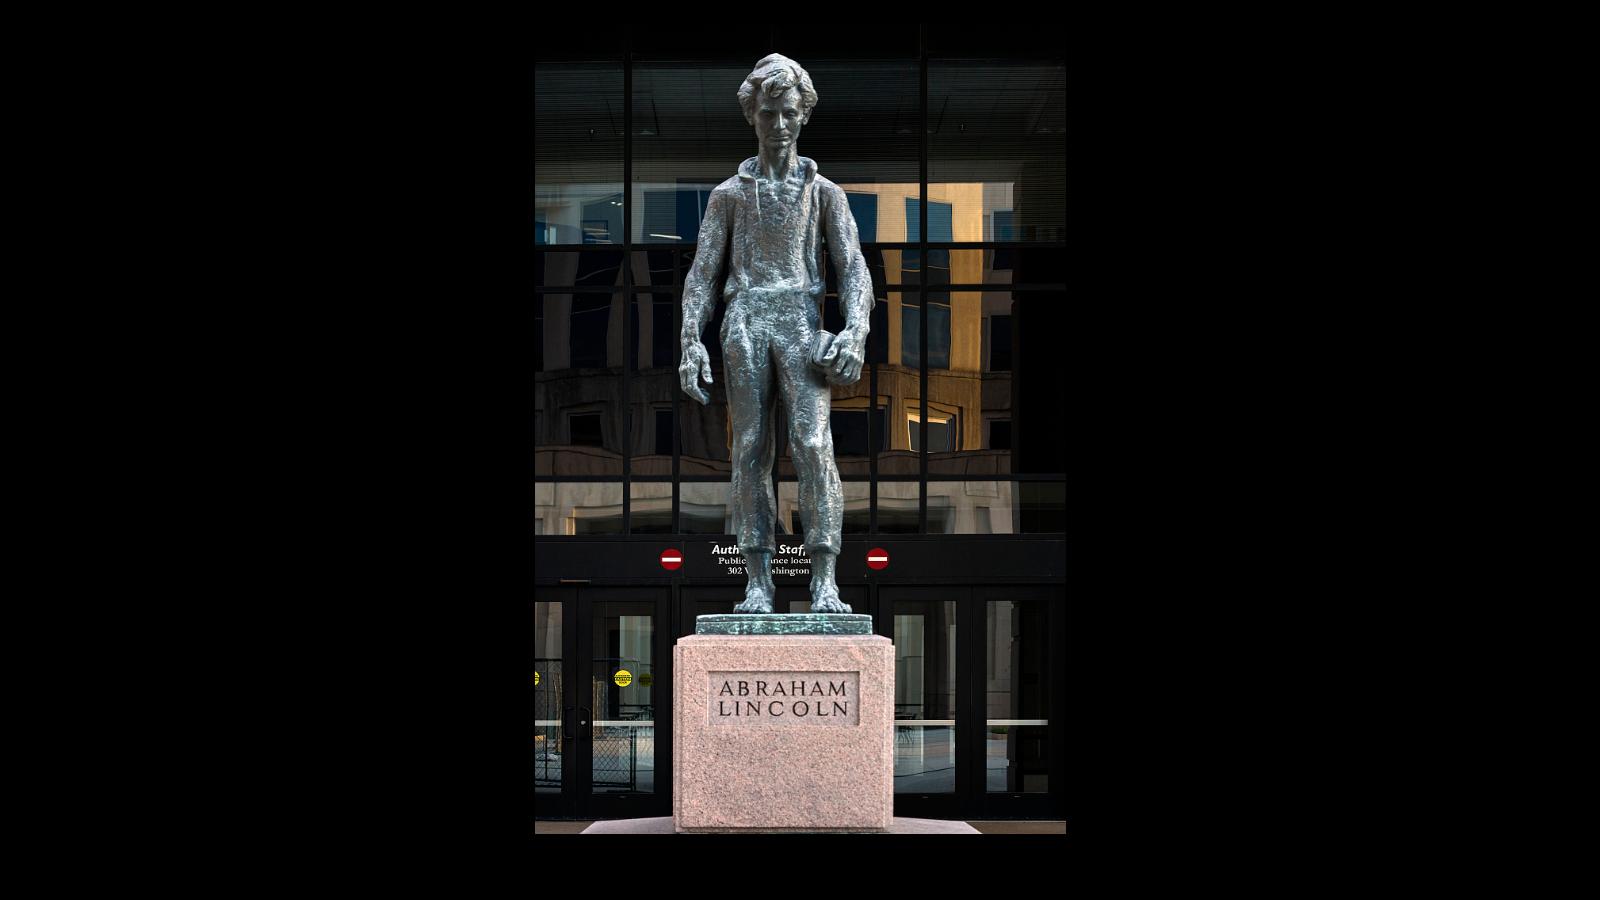 تمثال للرئيس إبراهام لينكون إبان مراهقته